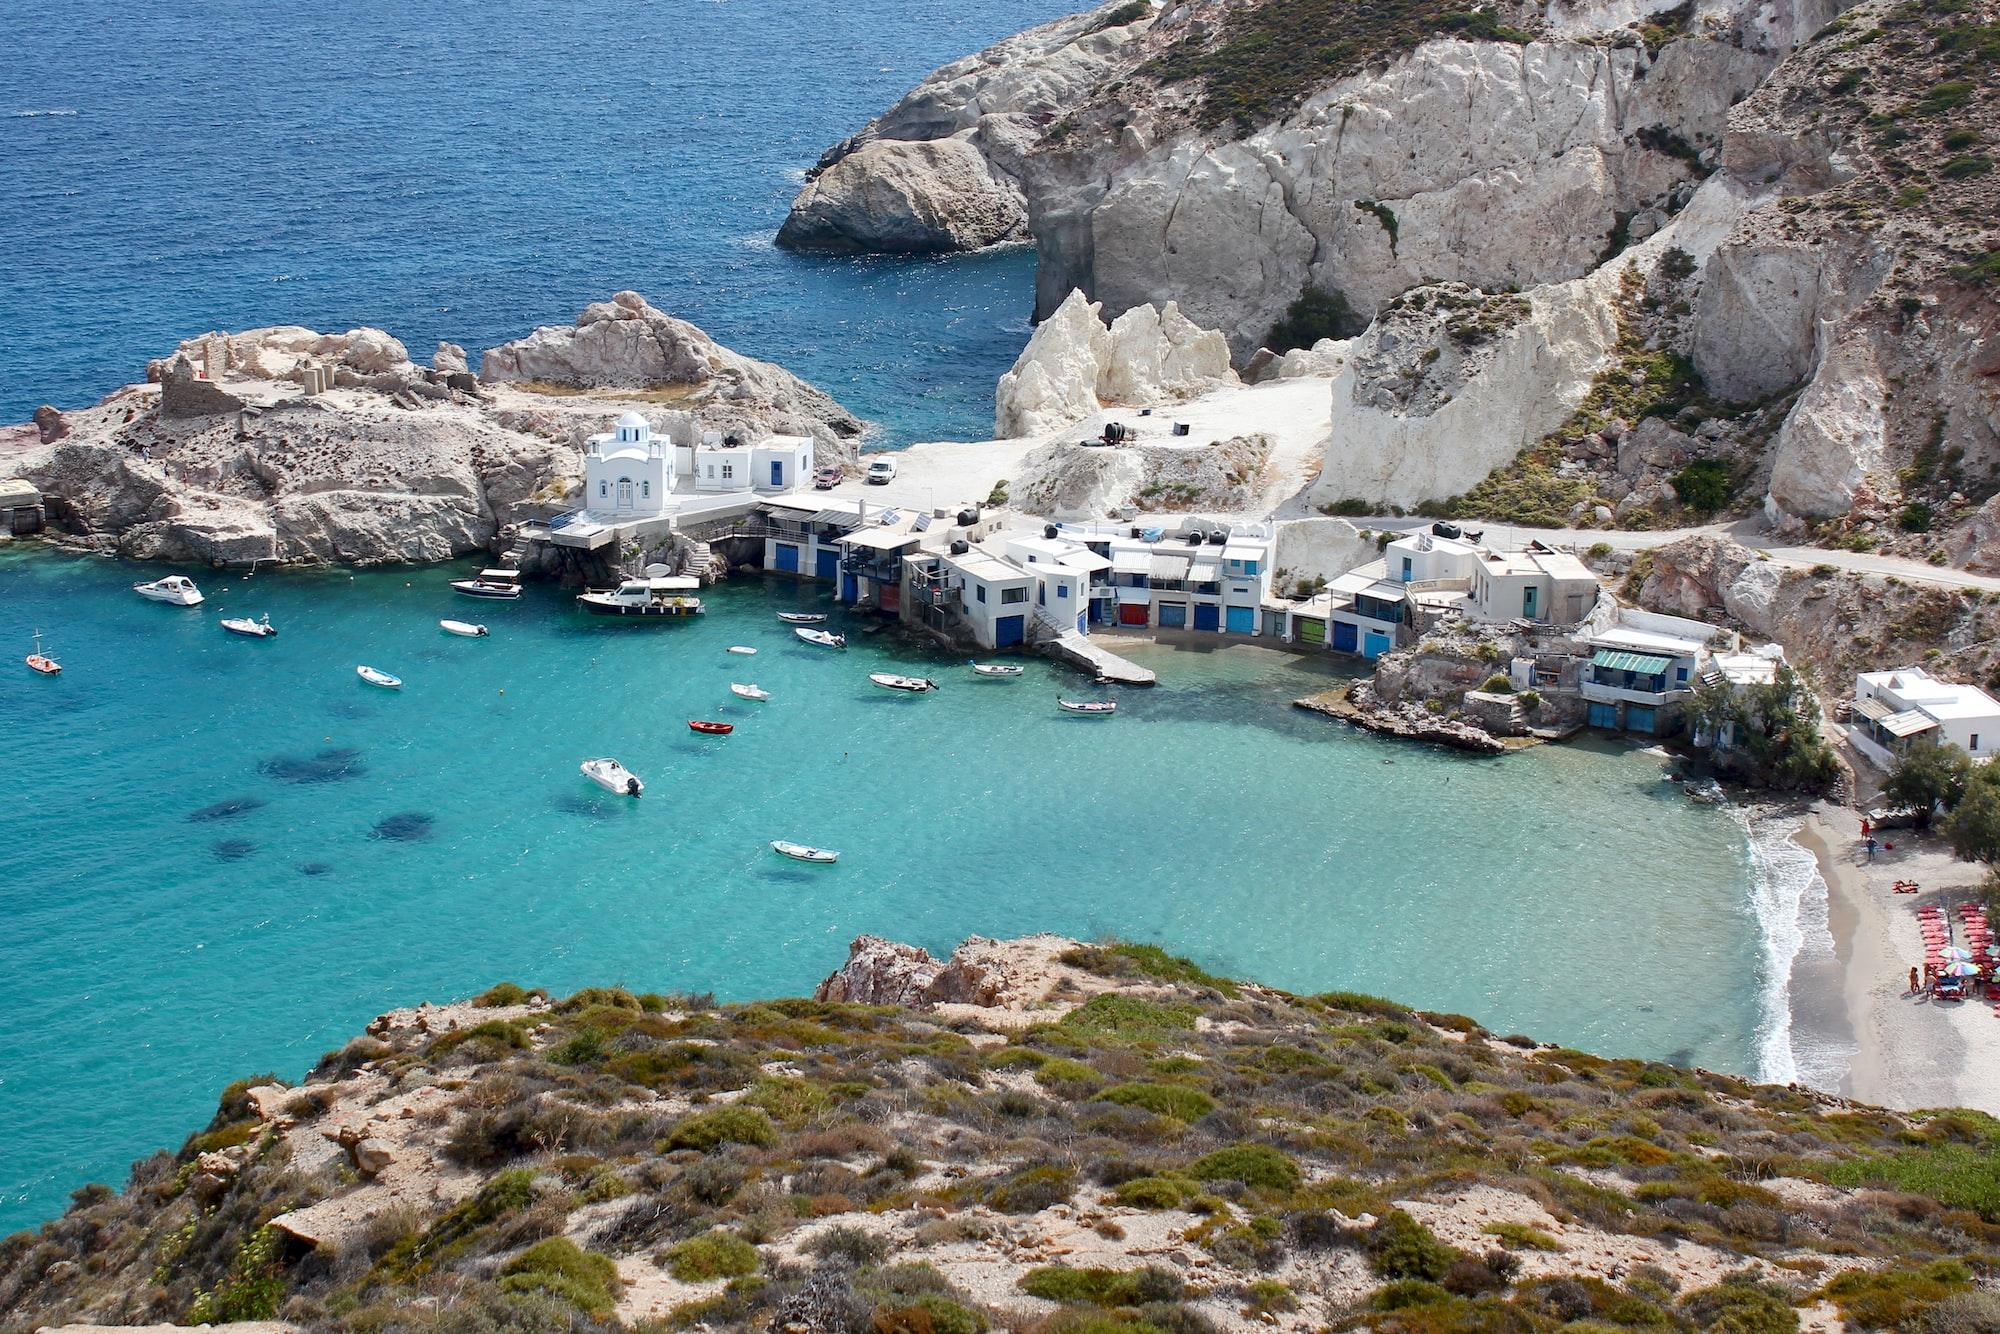 Vue sur l'île de Milos en Grèce